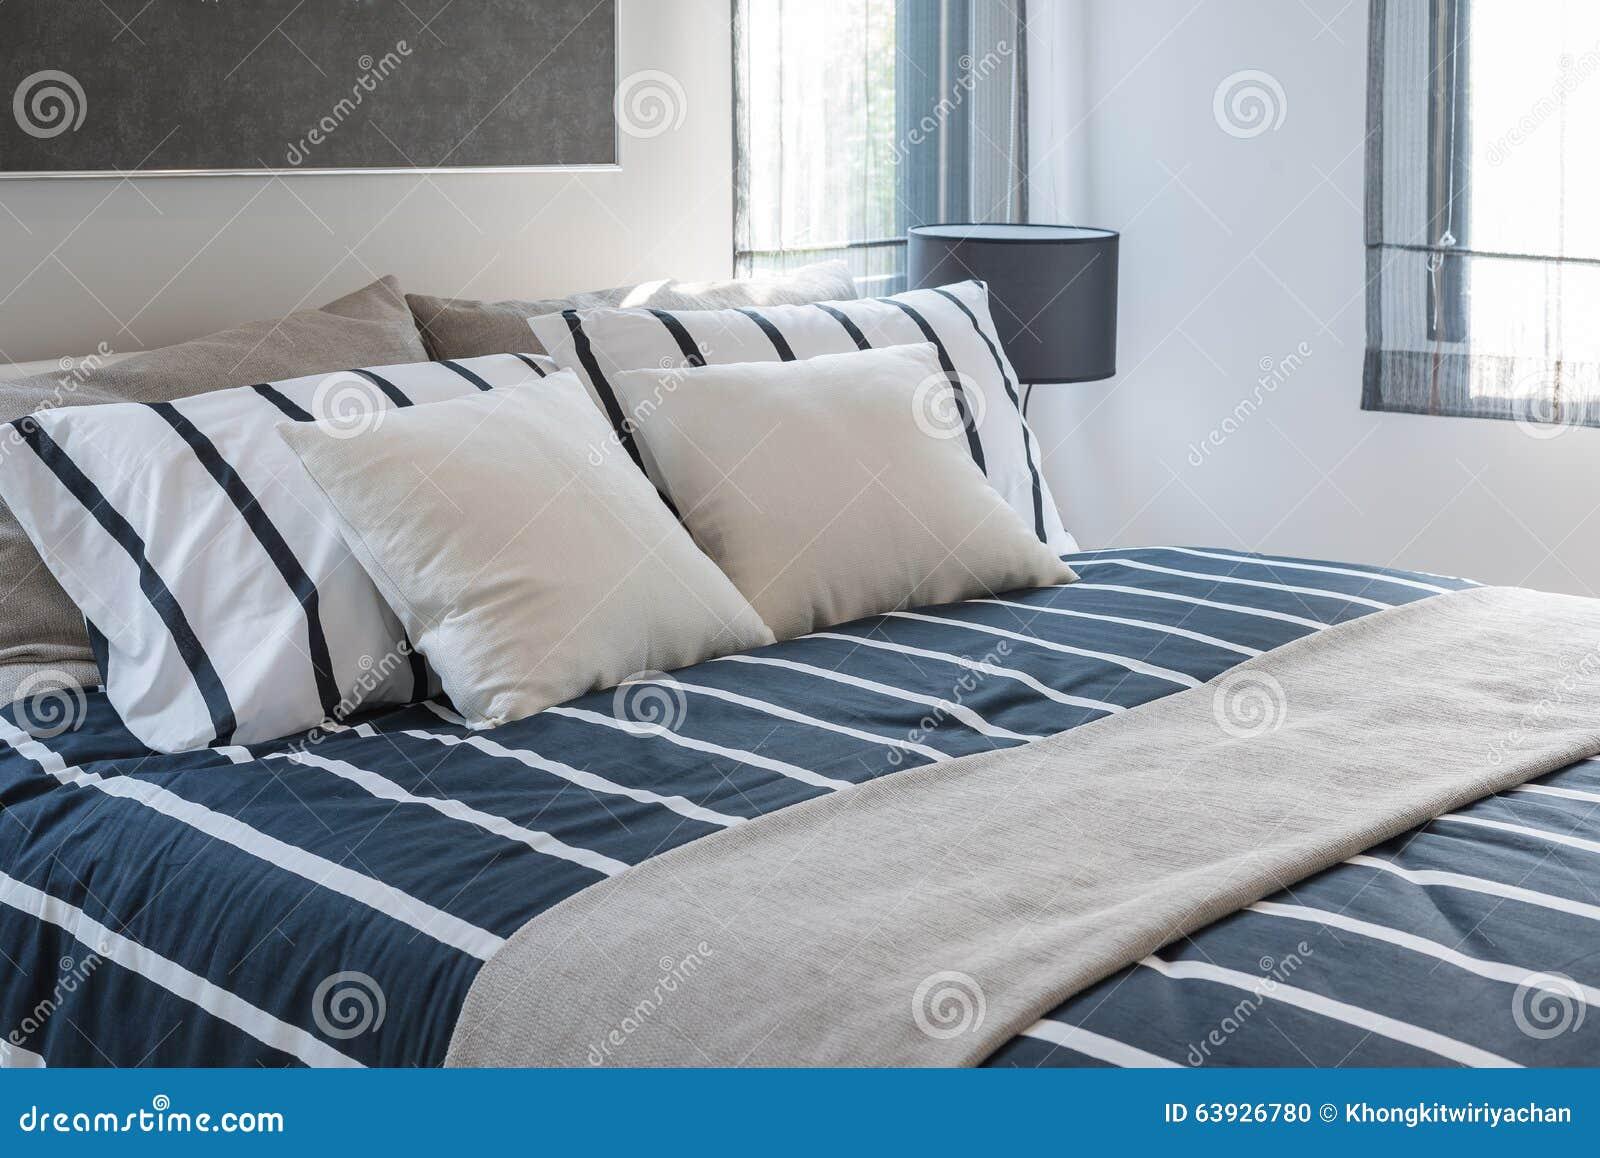 Progettazione moderna della camera da letto con i cuscini sul letto blu fotografia stock - Letto con cuscini ...